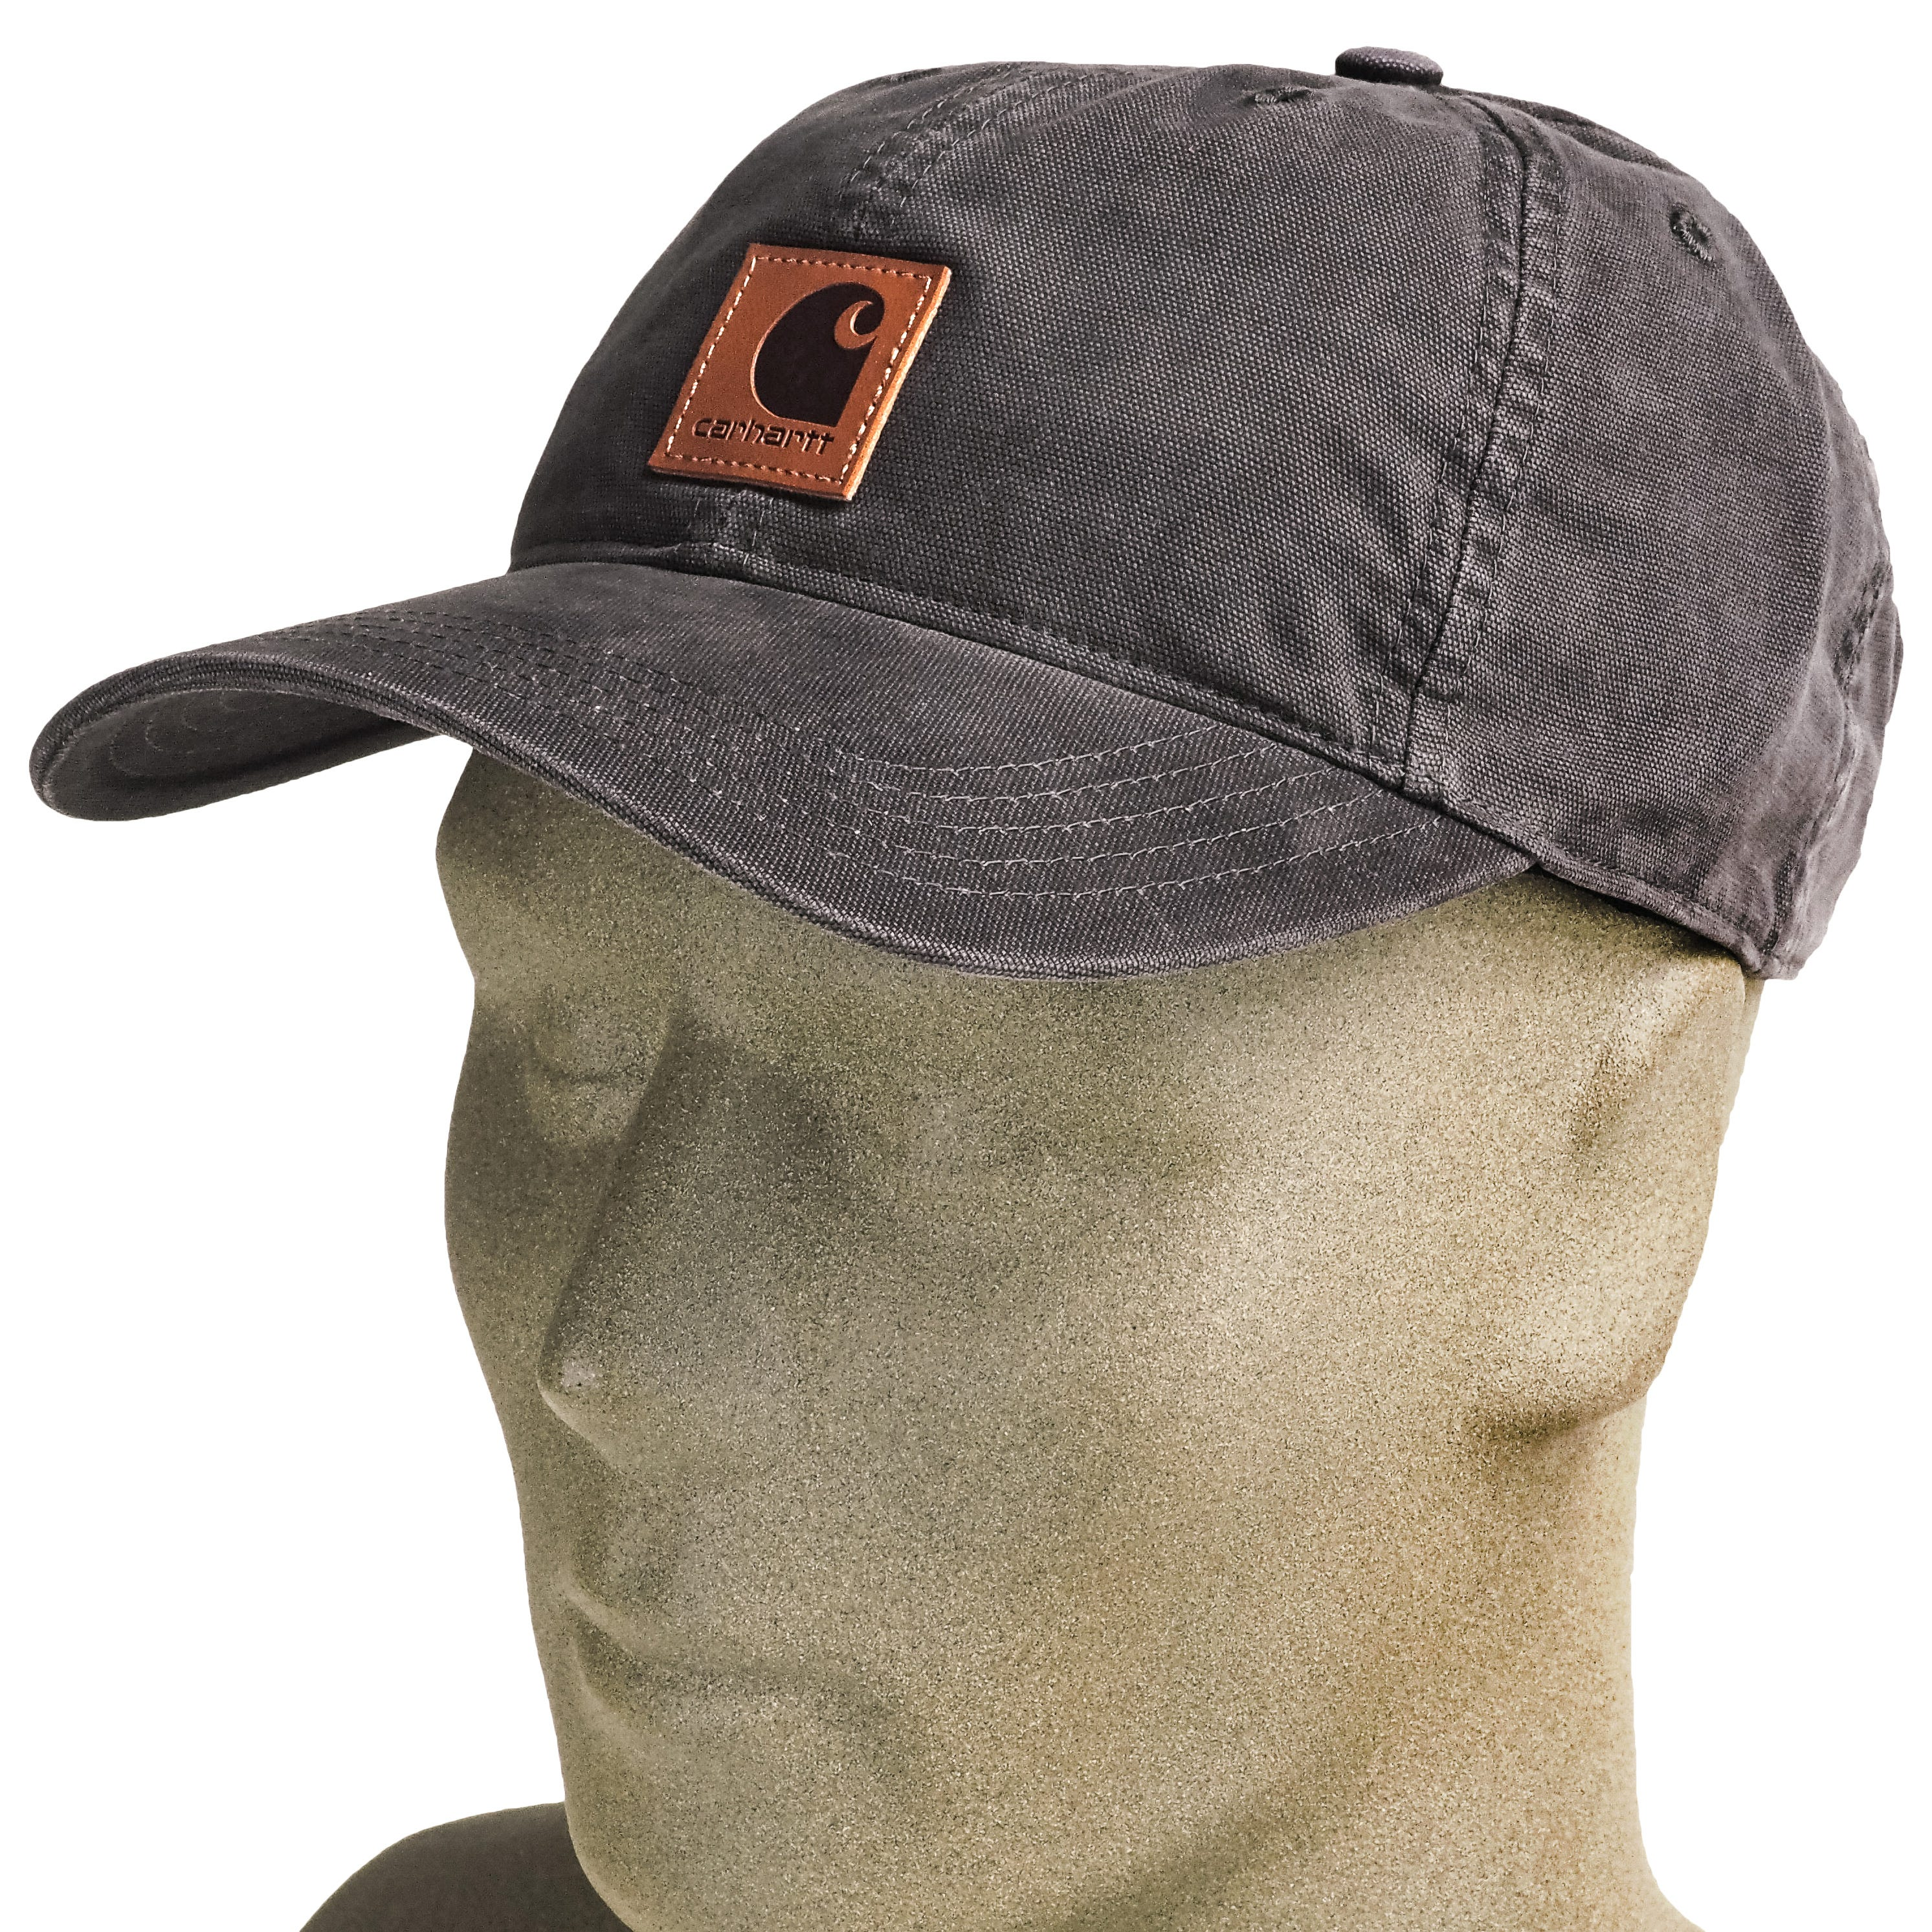 33949a55365 Carhartt Hats  Men s 100289 001 Black Canvas Odessa Cap - Clothes ...